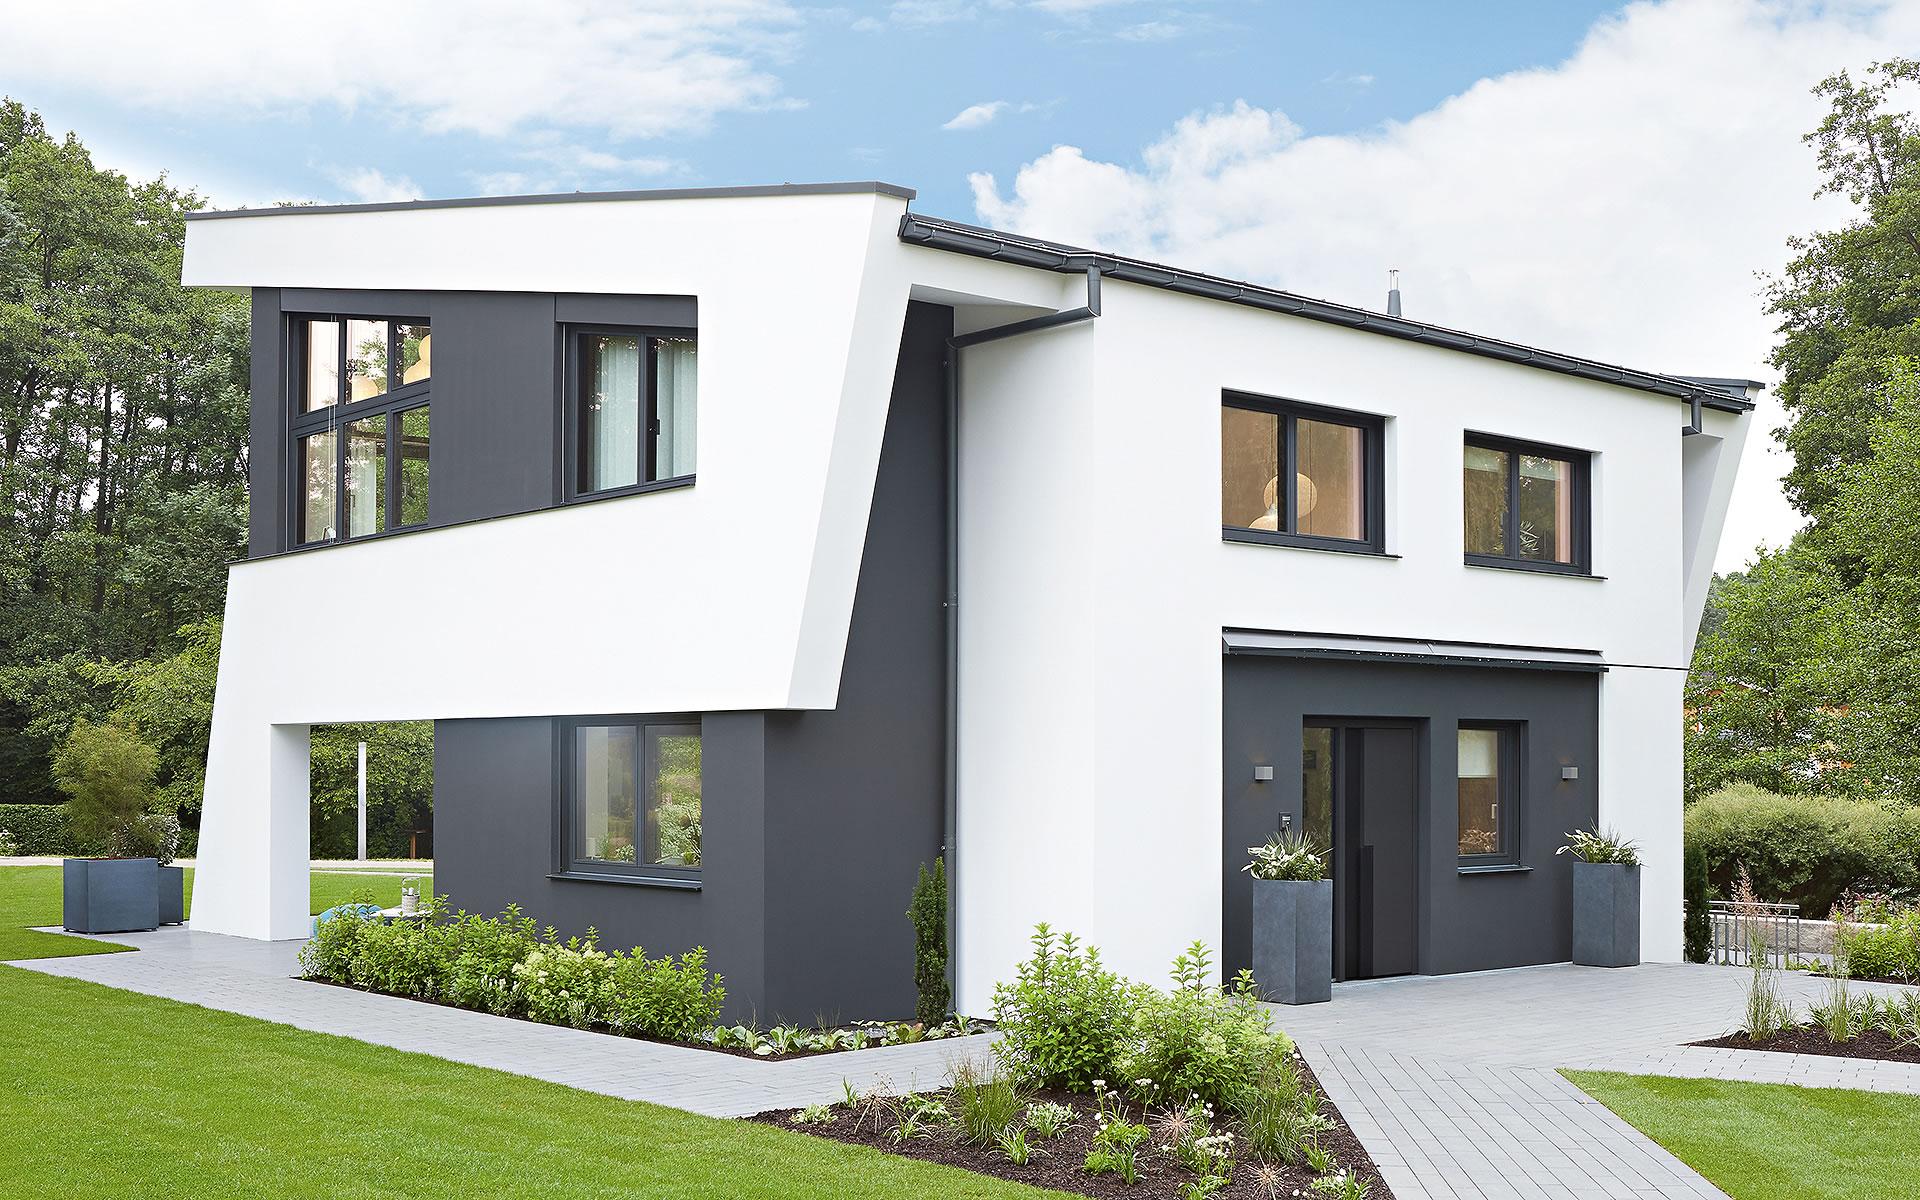 Jubiläumshaus (AH Rheinau-Linx) von WeberHaus GmbH & Co. KG